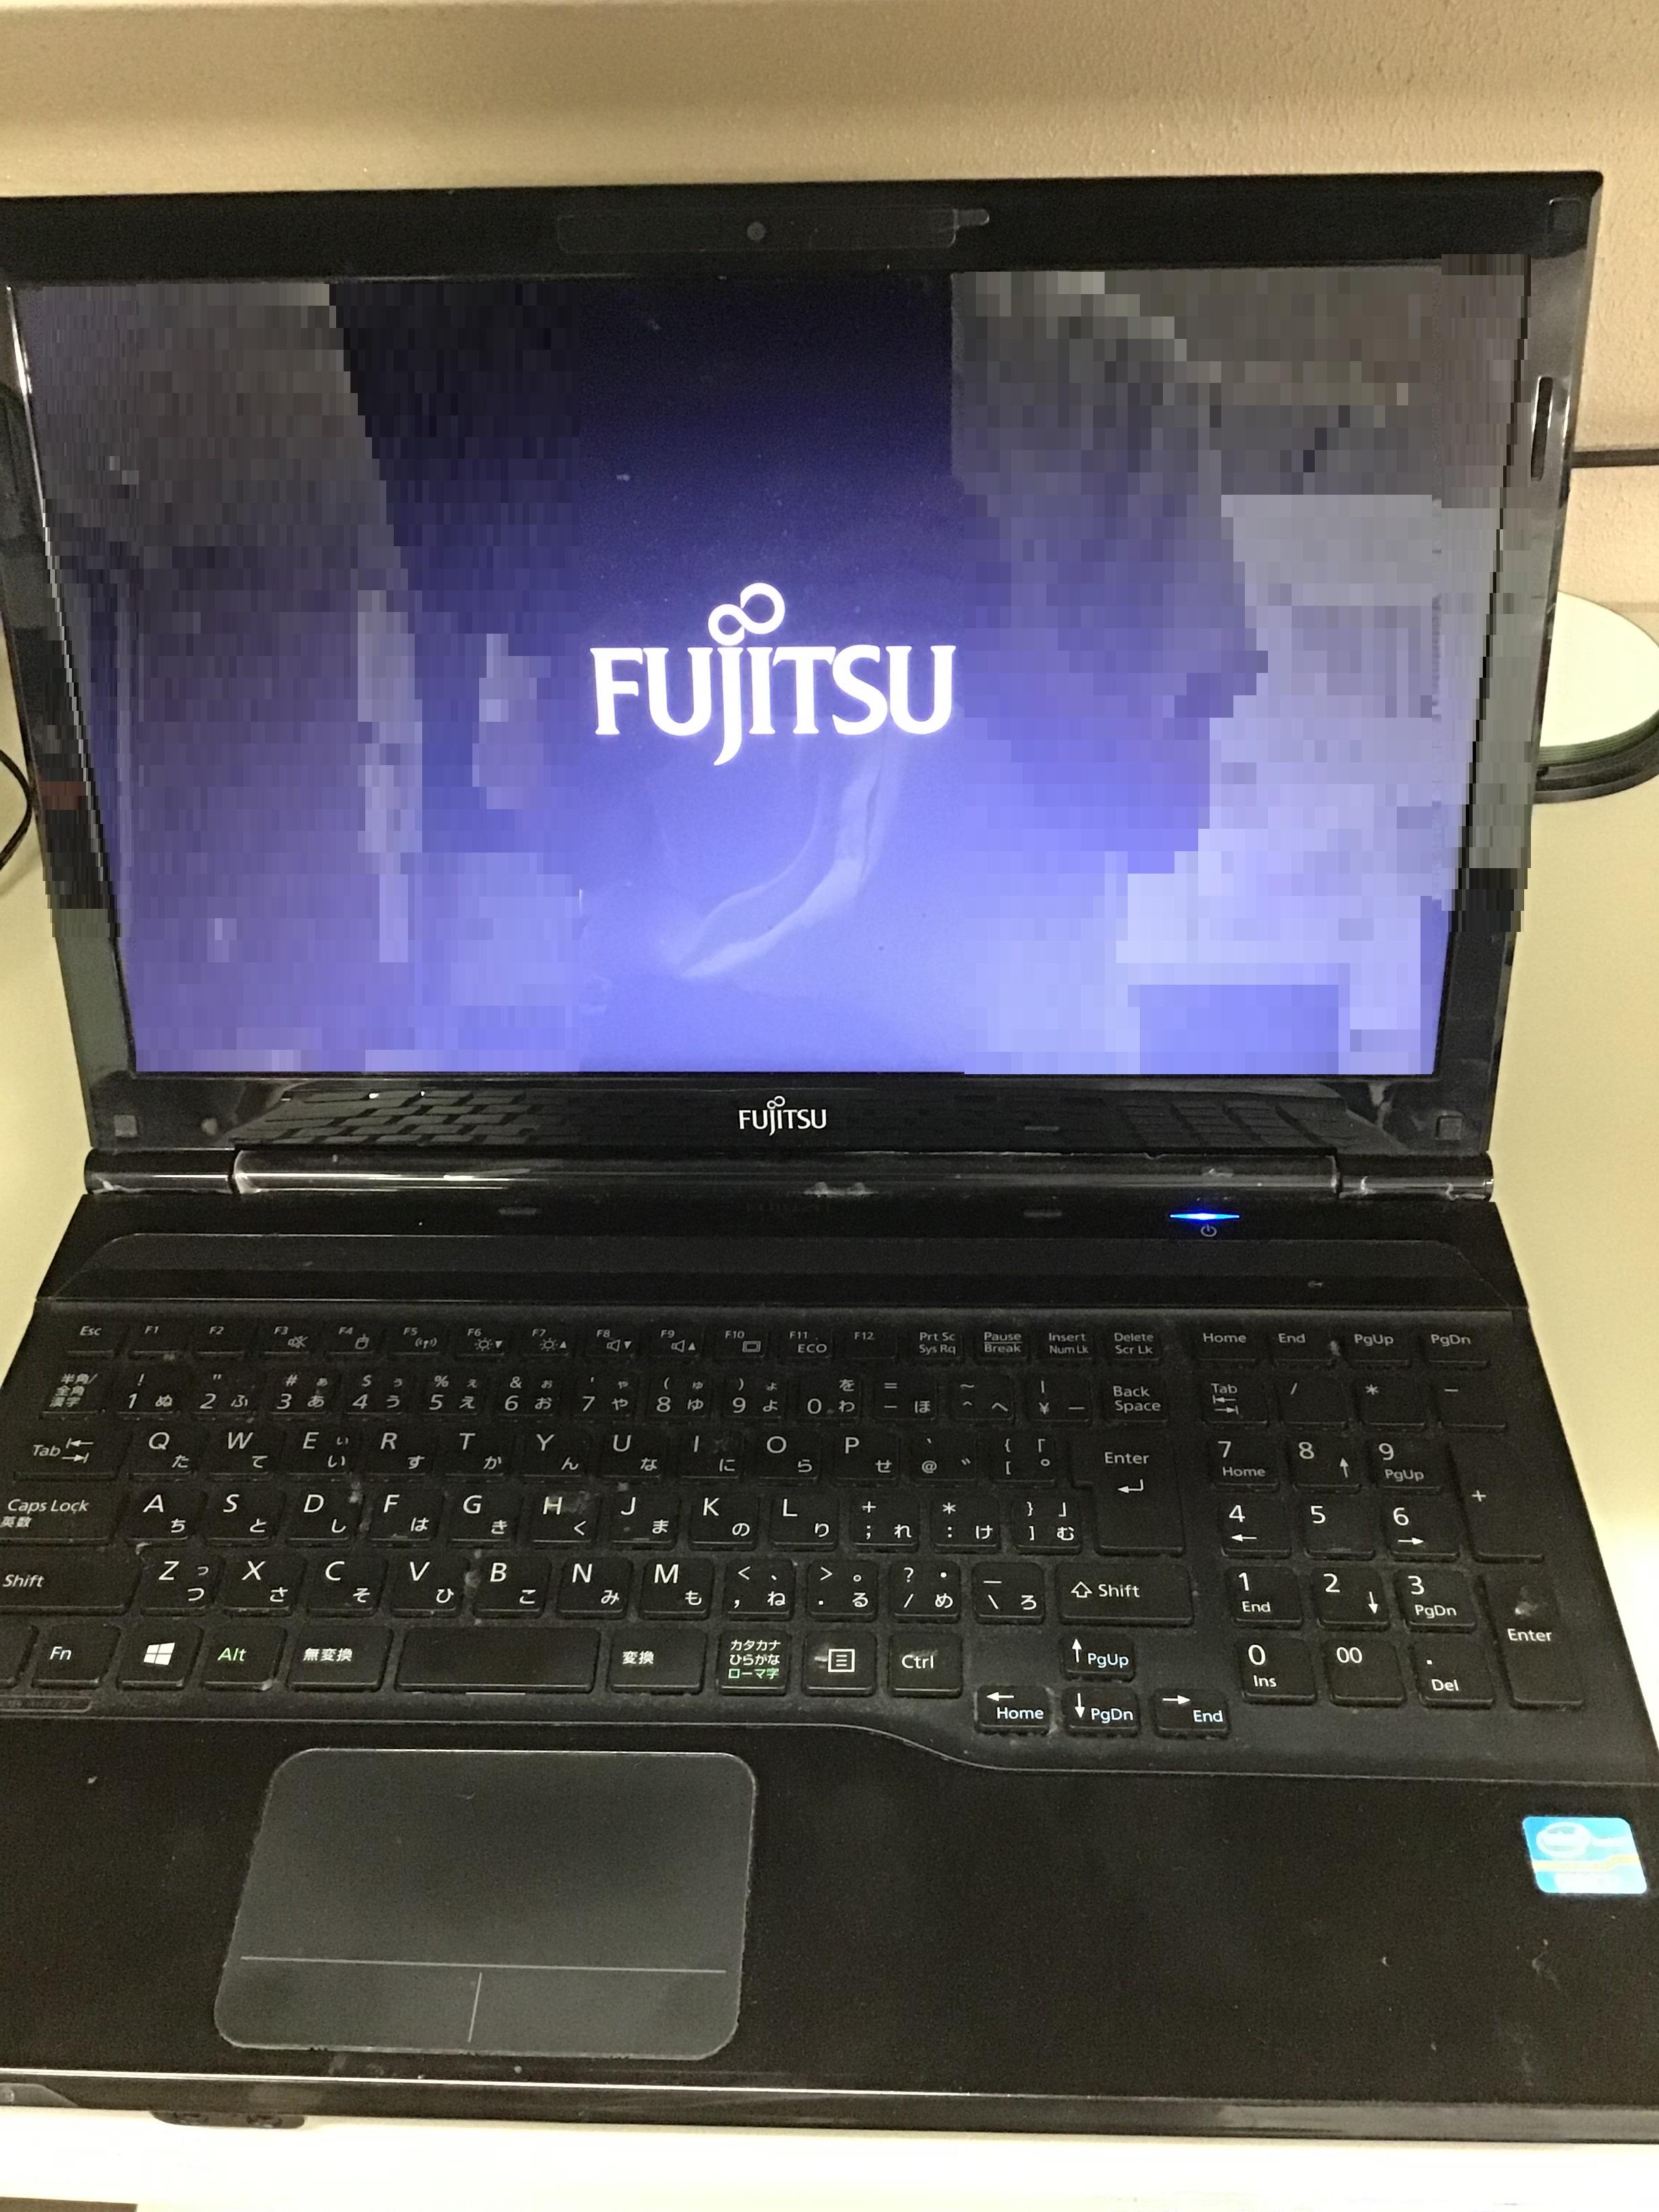 神奈川県茅ヶ崎市 ノートパソコンが起動しない/富士通 Windows 8.1/8のイメージ